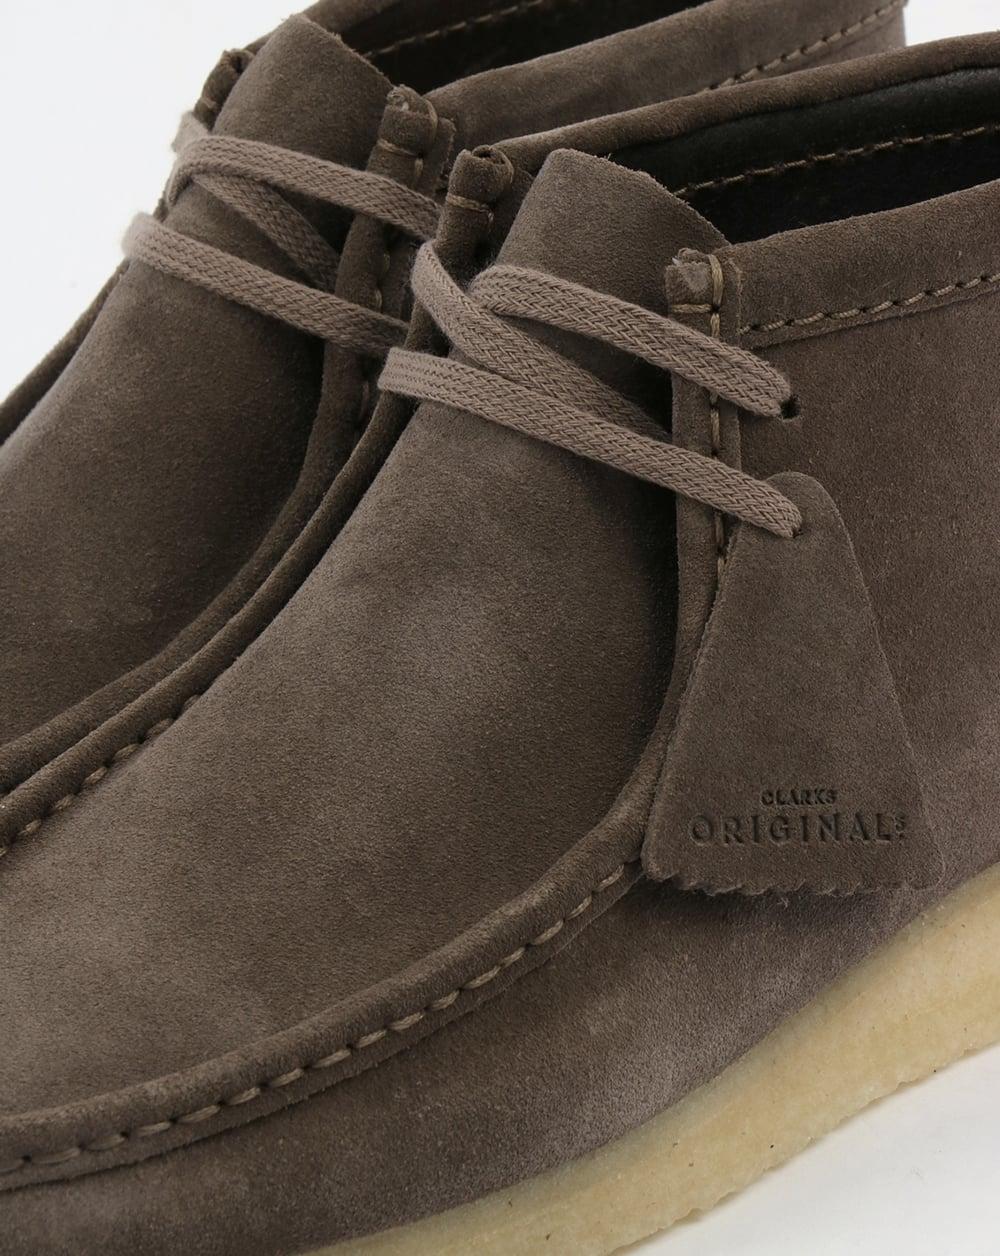 Clarks Originals Wallabee Suede Boots